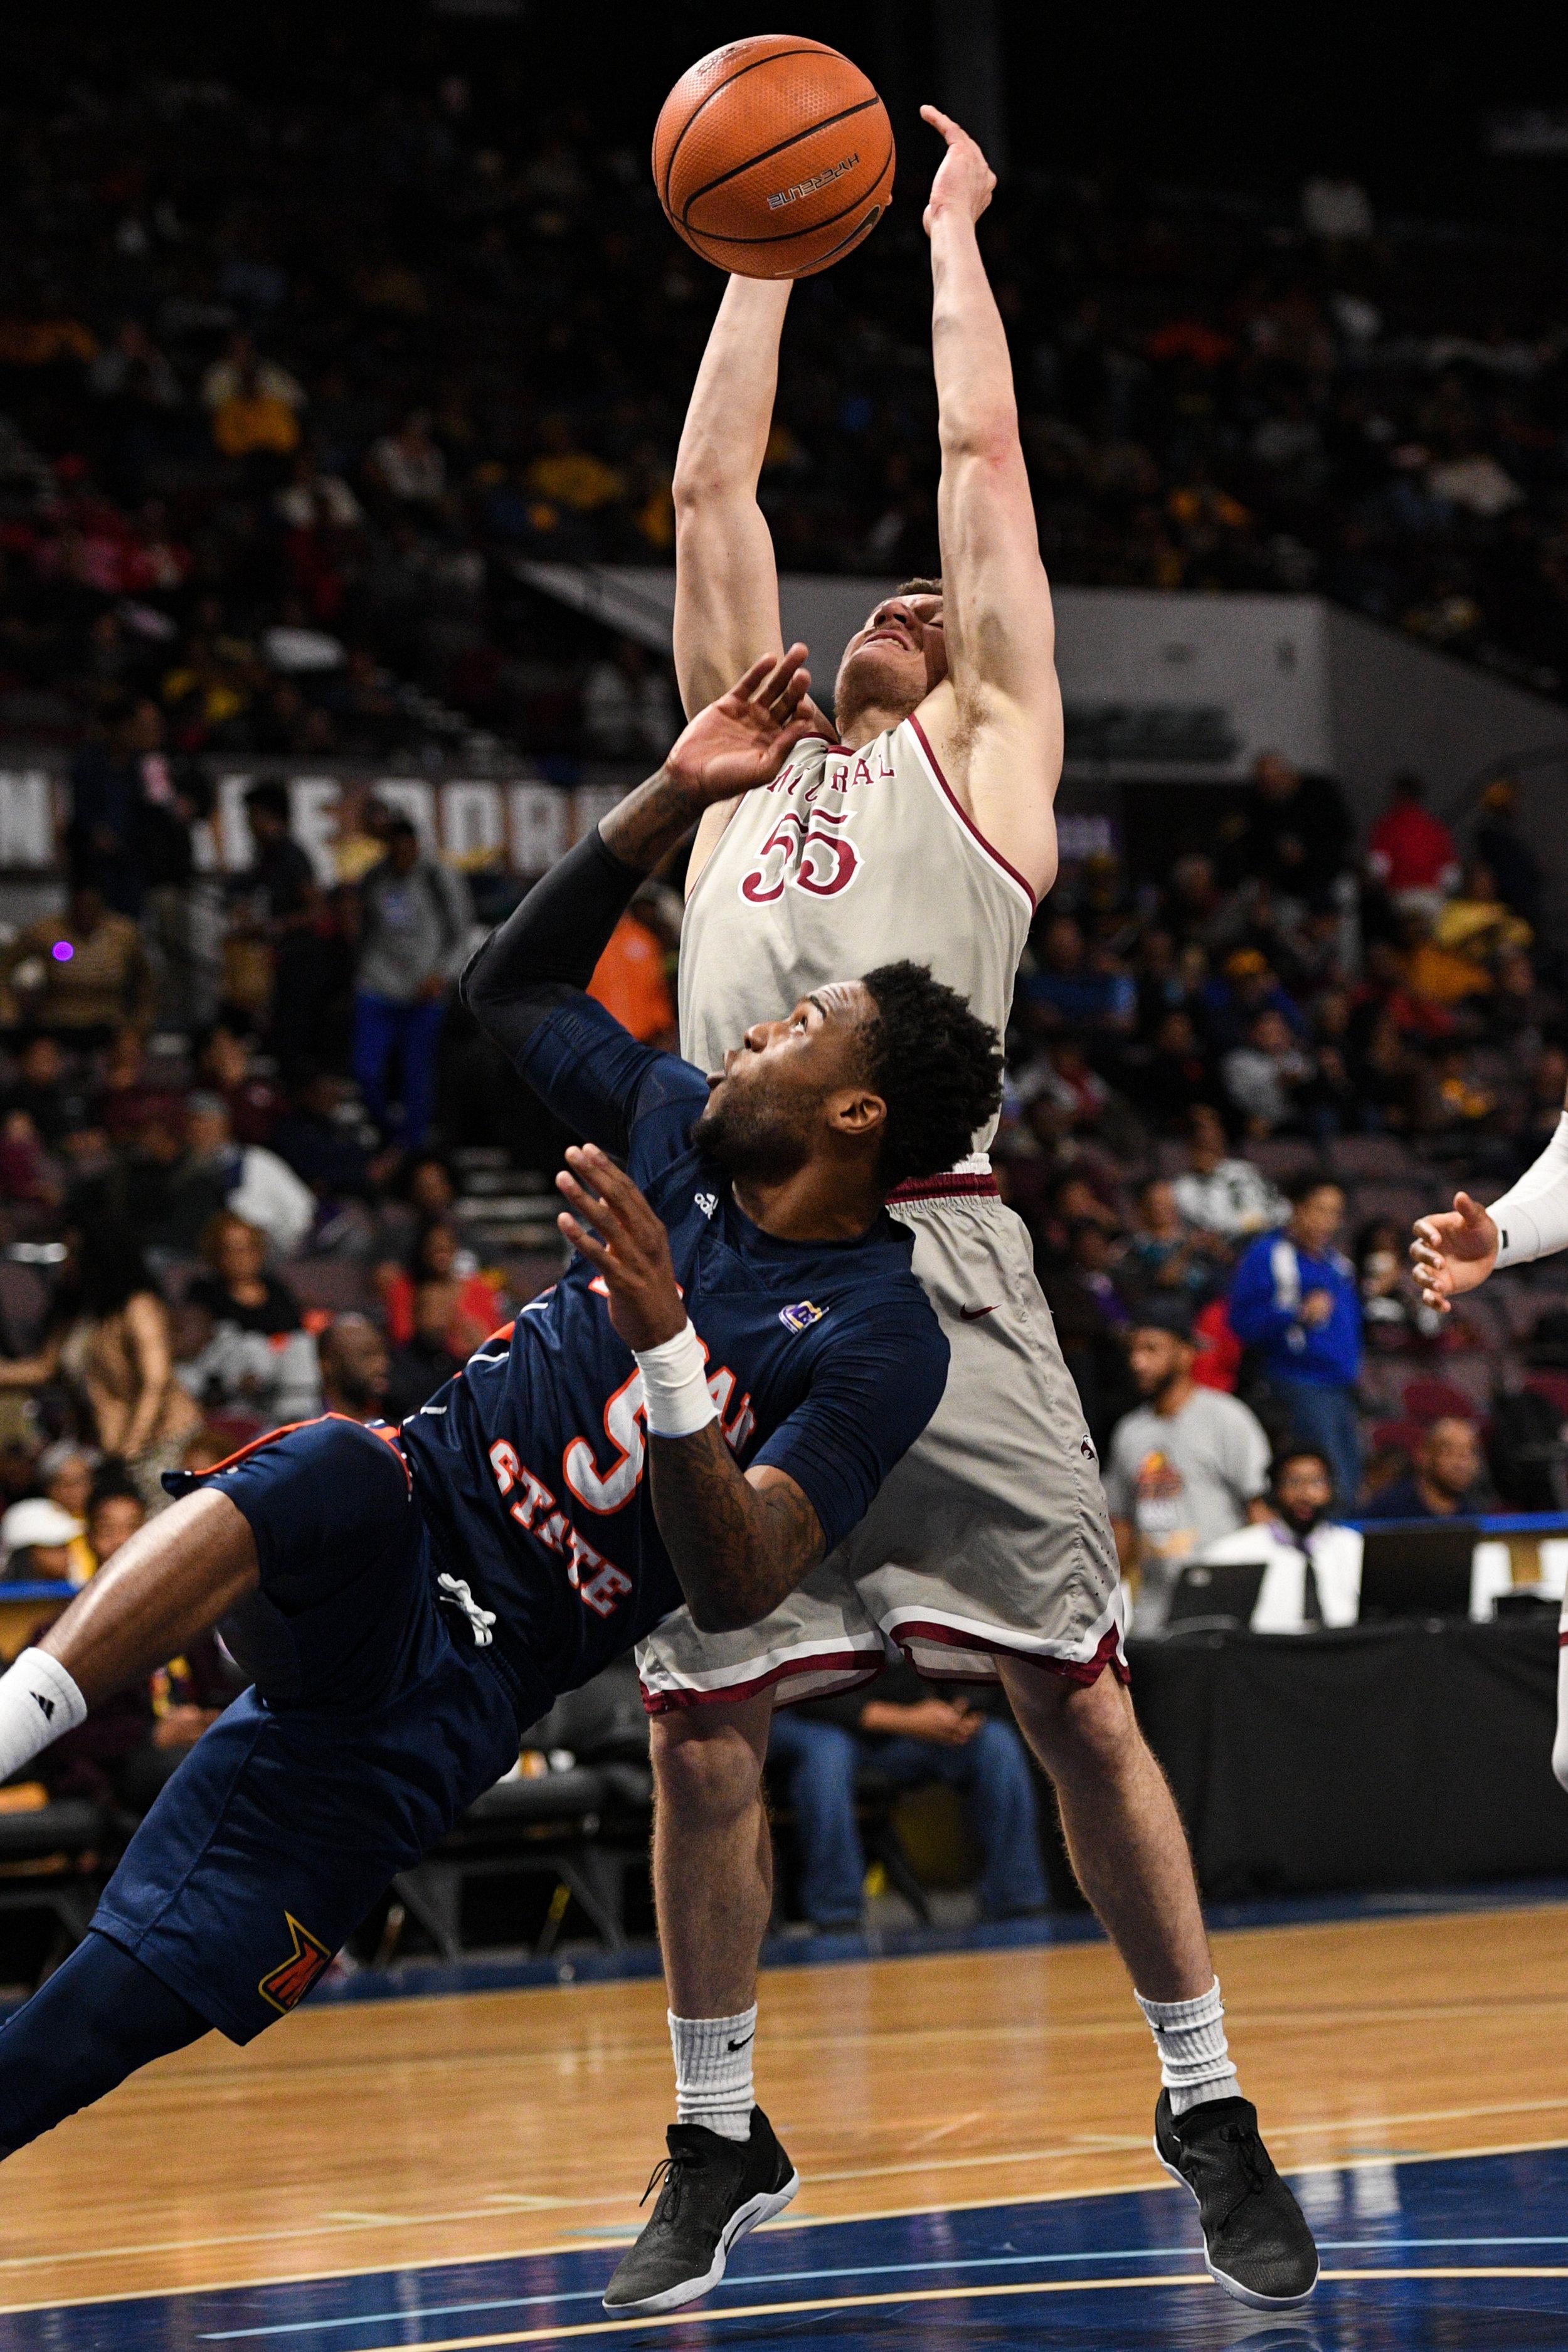 Morgan State North Carolina Central Basketball